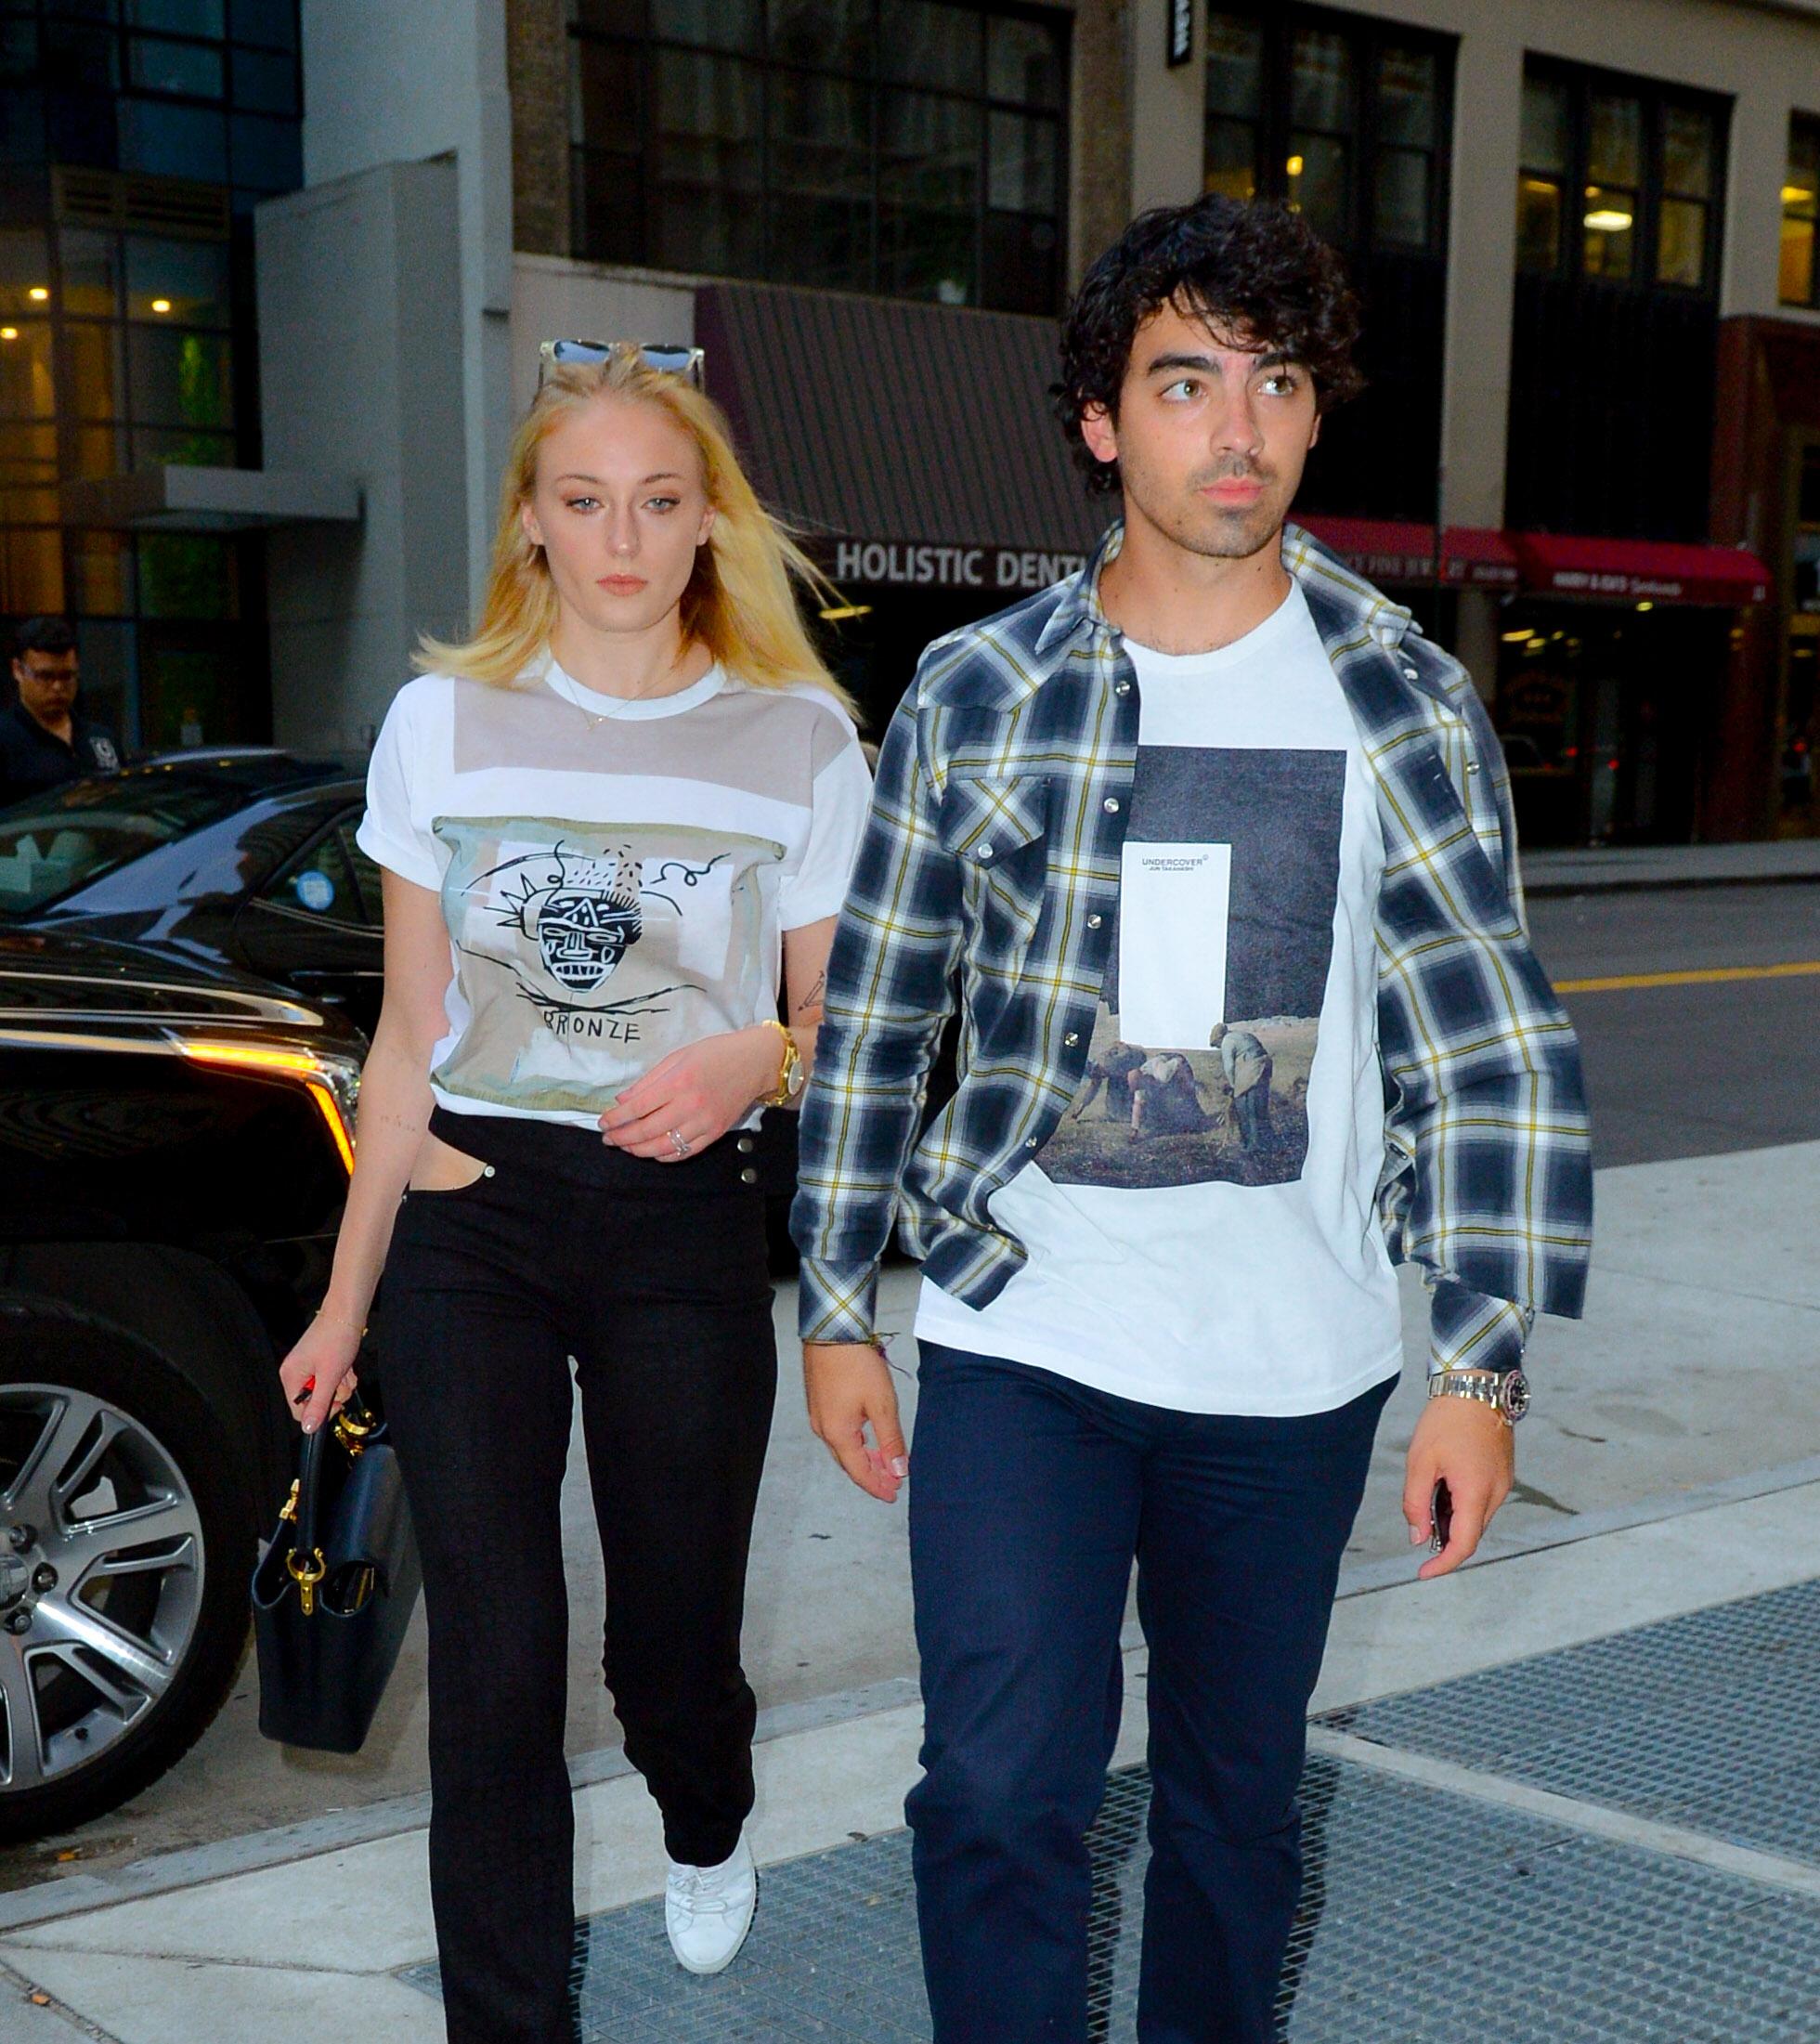 Sophie Turner & Joe Jonas: Το νέο αγαπημένο ζευγάρι των παπαράτσι Η όμορφη πρωταγωνίστρια του Game of Thrones και το πρώην μέλος του boyband Jonas Brothers ανακοίνωσαν τον αρραβώνα τους τον περασμένο Οκτώβριο, μετά από έναν χρόνο σχέσης. Από τότε οι παπαράτσι δεν χορταίνουν να τους απαθανατίζουν στις κοινές τους εμφανίσεις αφού το ερωτευμένο ζευγάρι δεν κρύβει την αγάπη του.